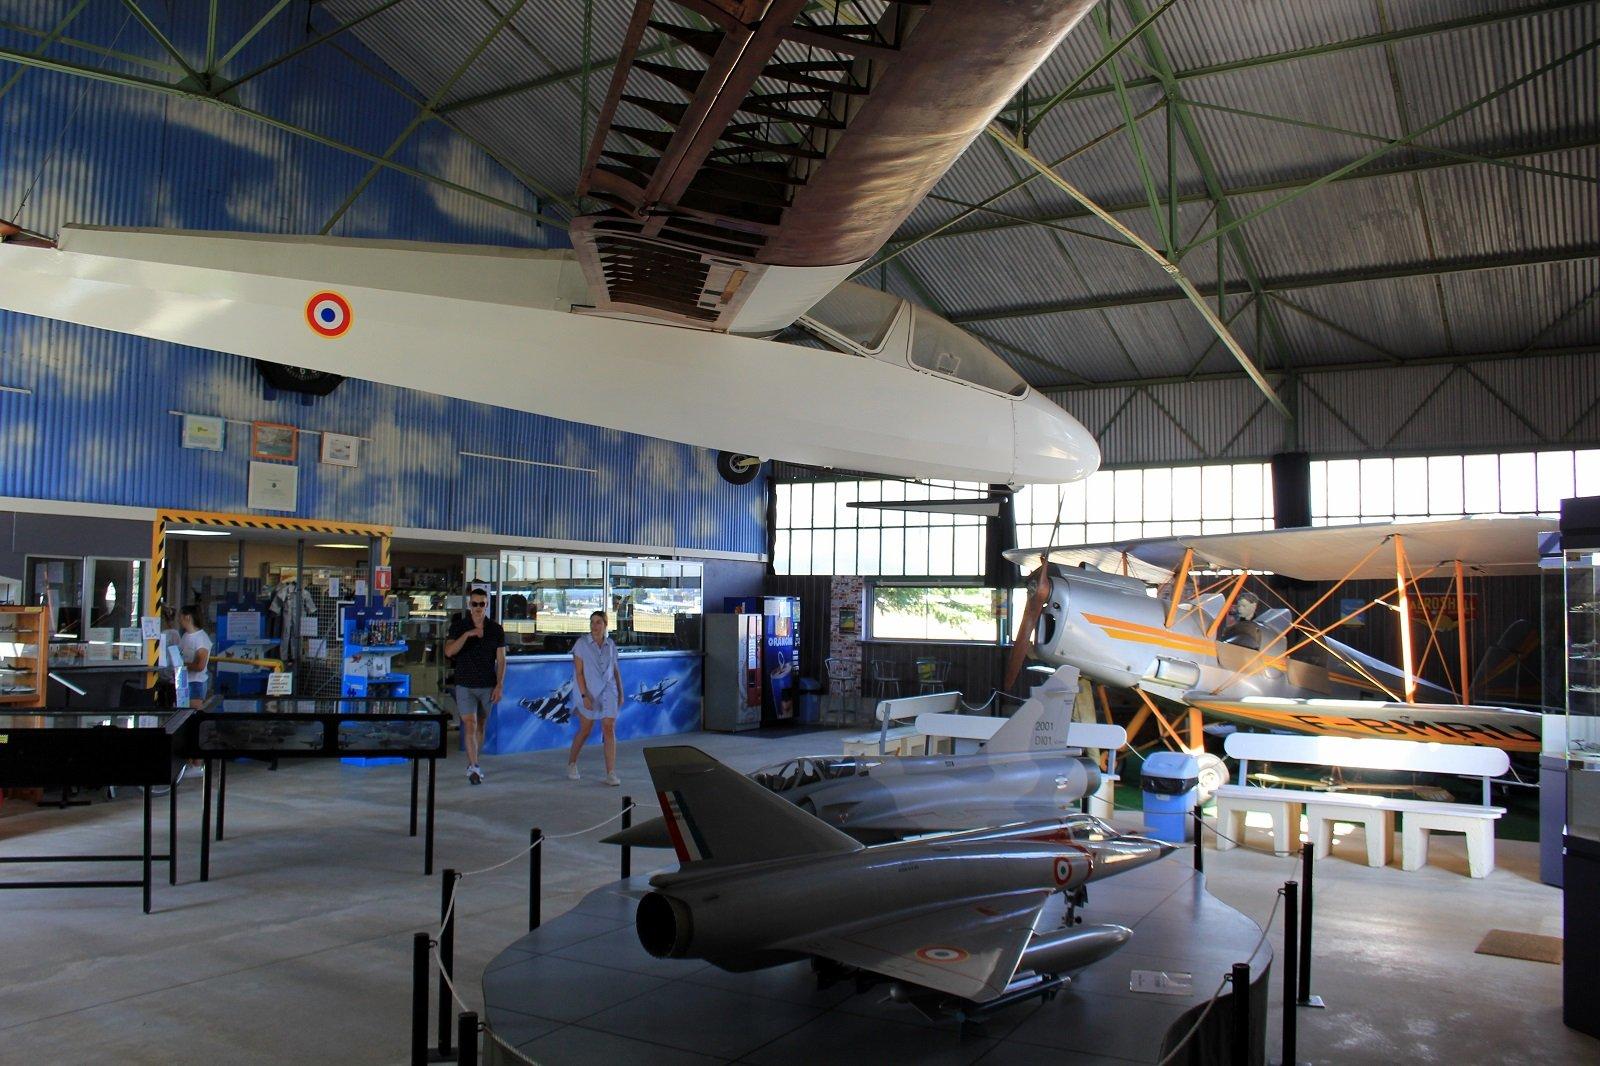 musée de l'aviation de chasse de Montelimar  - Page 2 191030072451587934